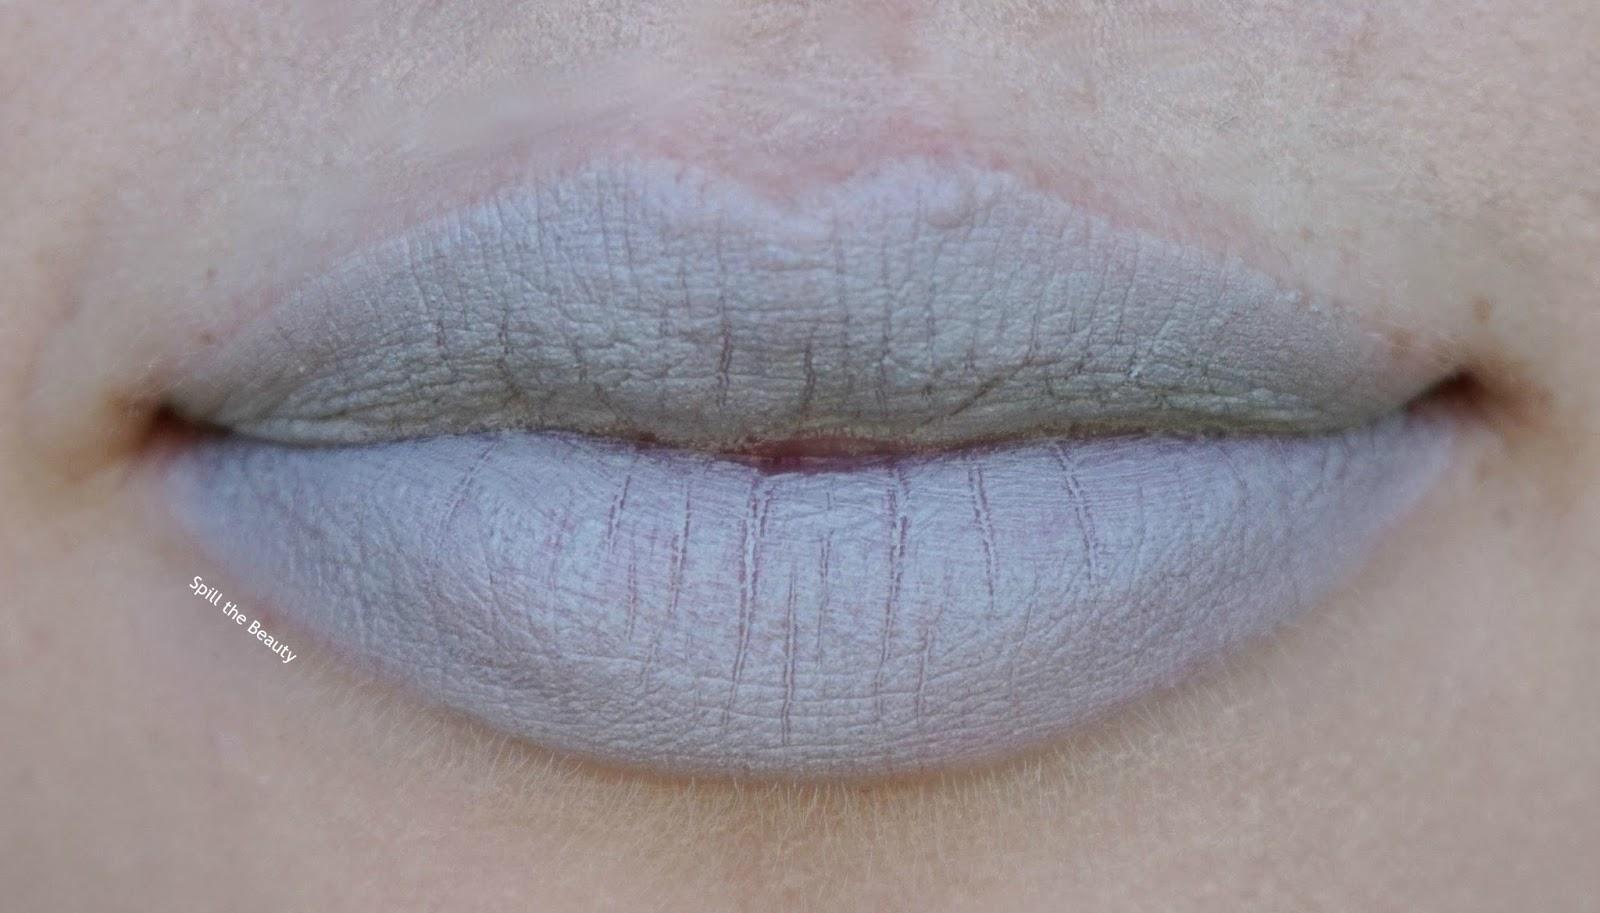 dior rouge montaigne matte 207 - lipstick